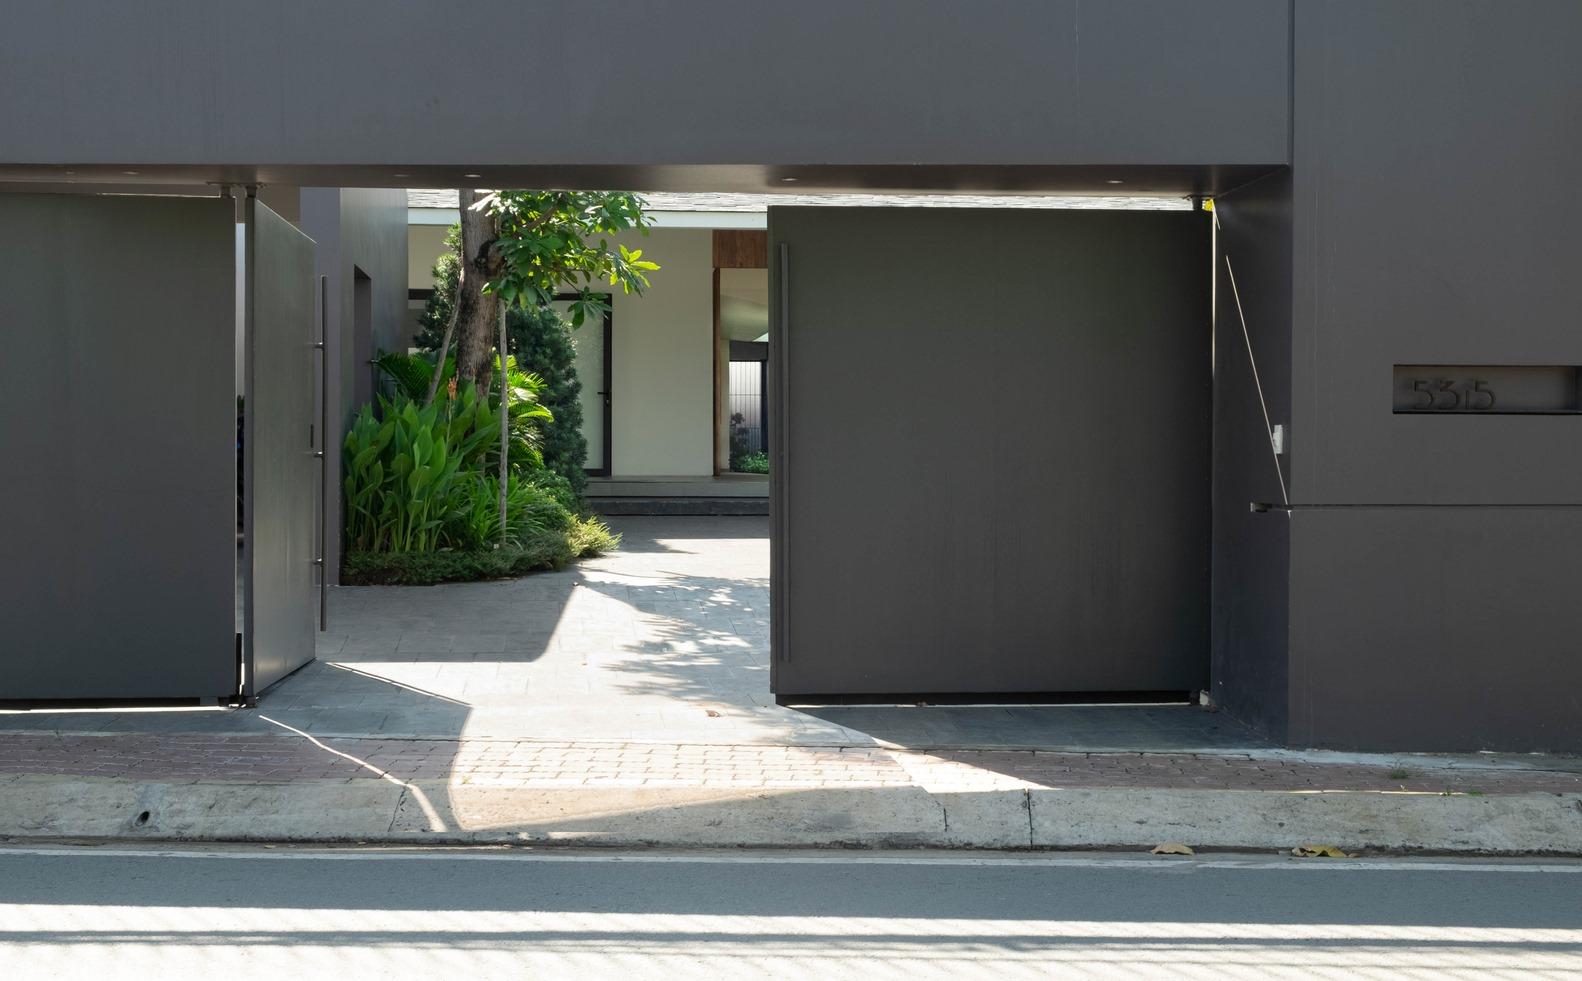 Cổng nhà màu ghi - xám, toát lên nét đẹp sang trọng